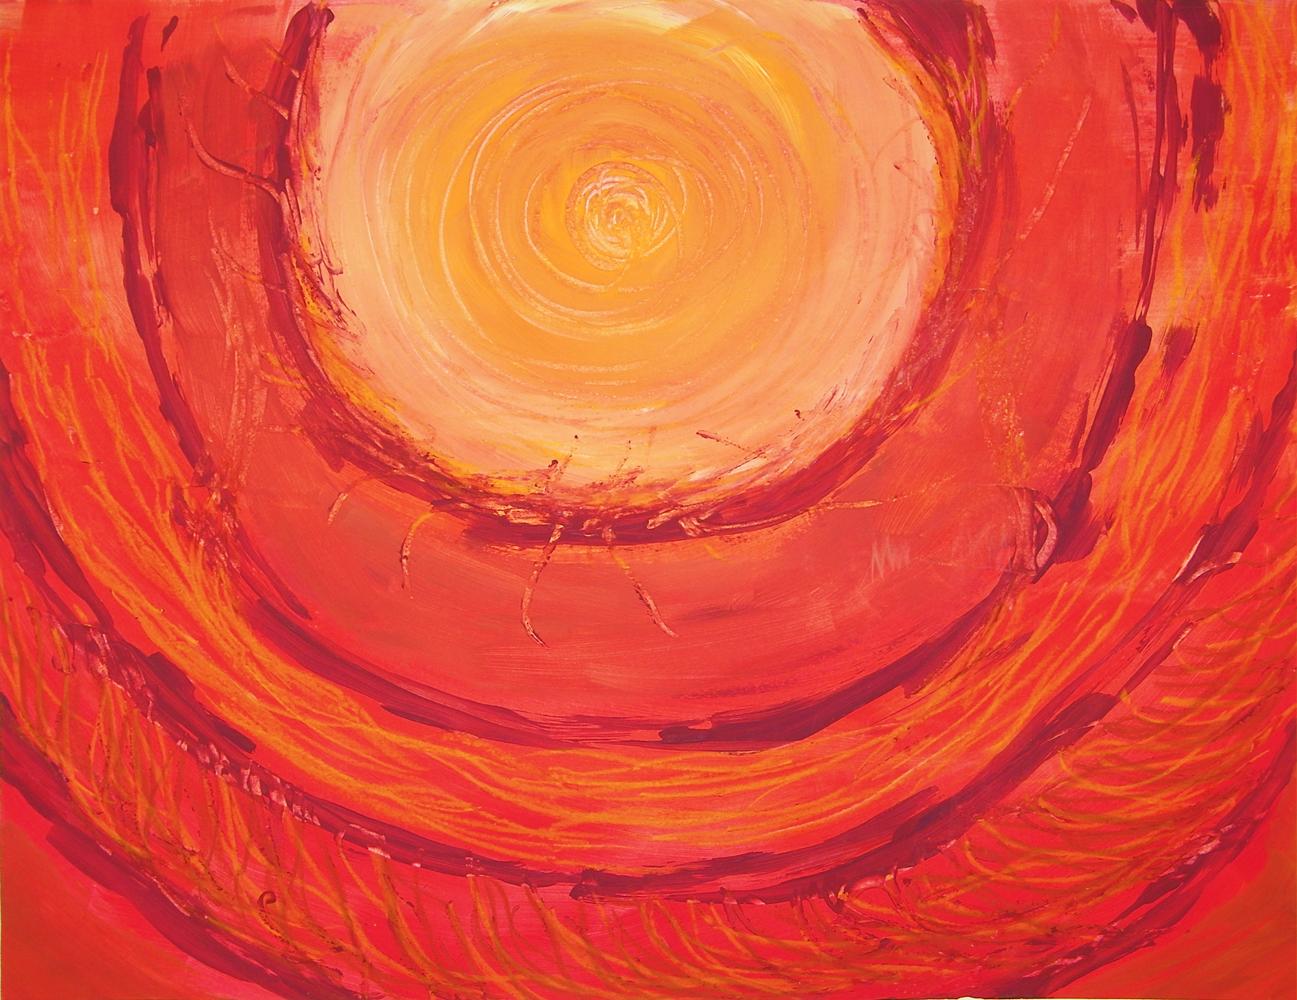 Intuïtief schilderij - warmte en bescherming